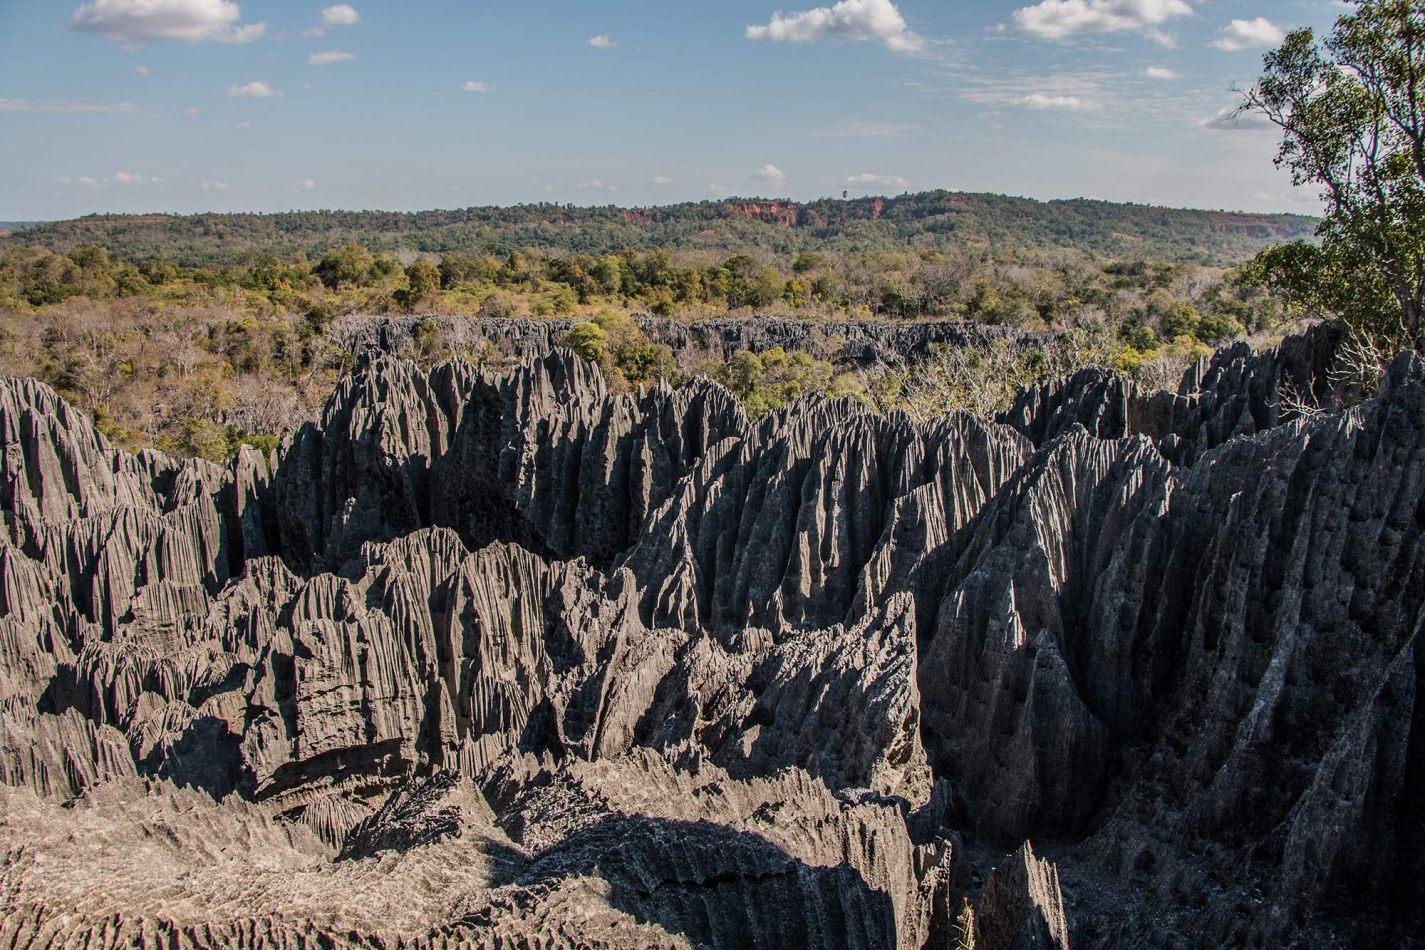 Hibiscus & Nomada : Madagascar